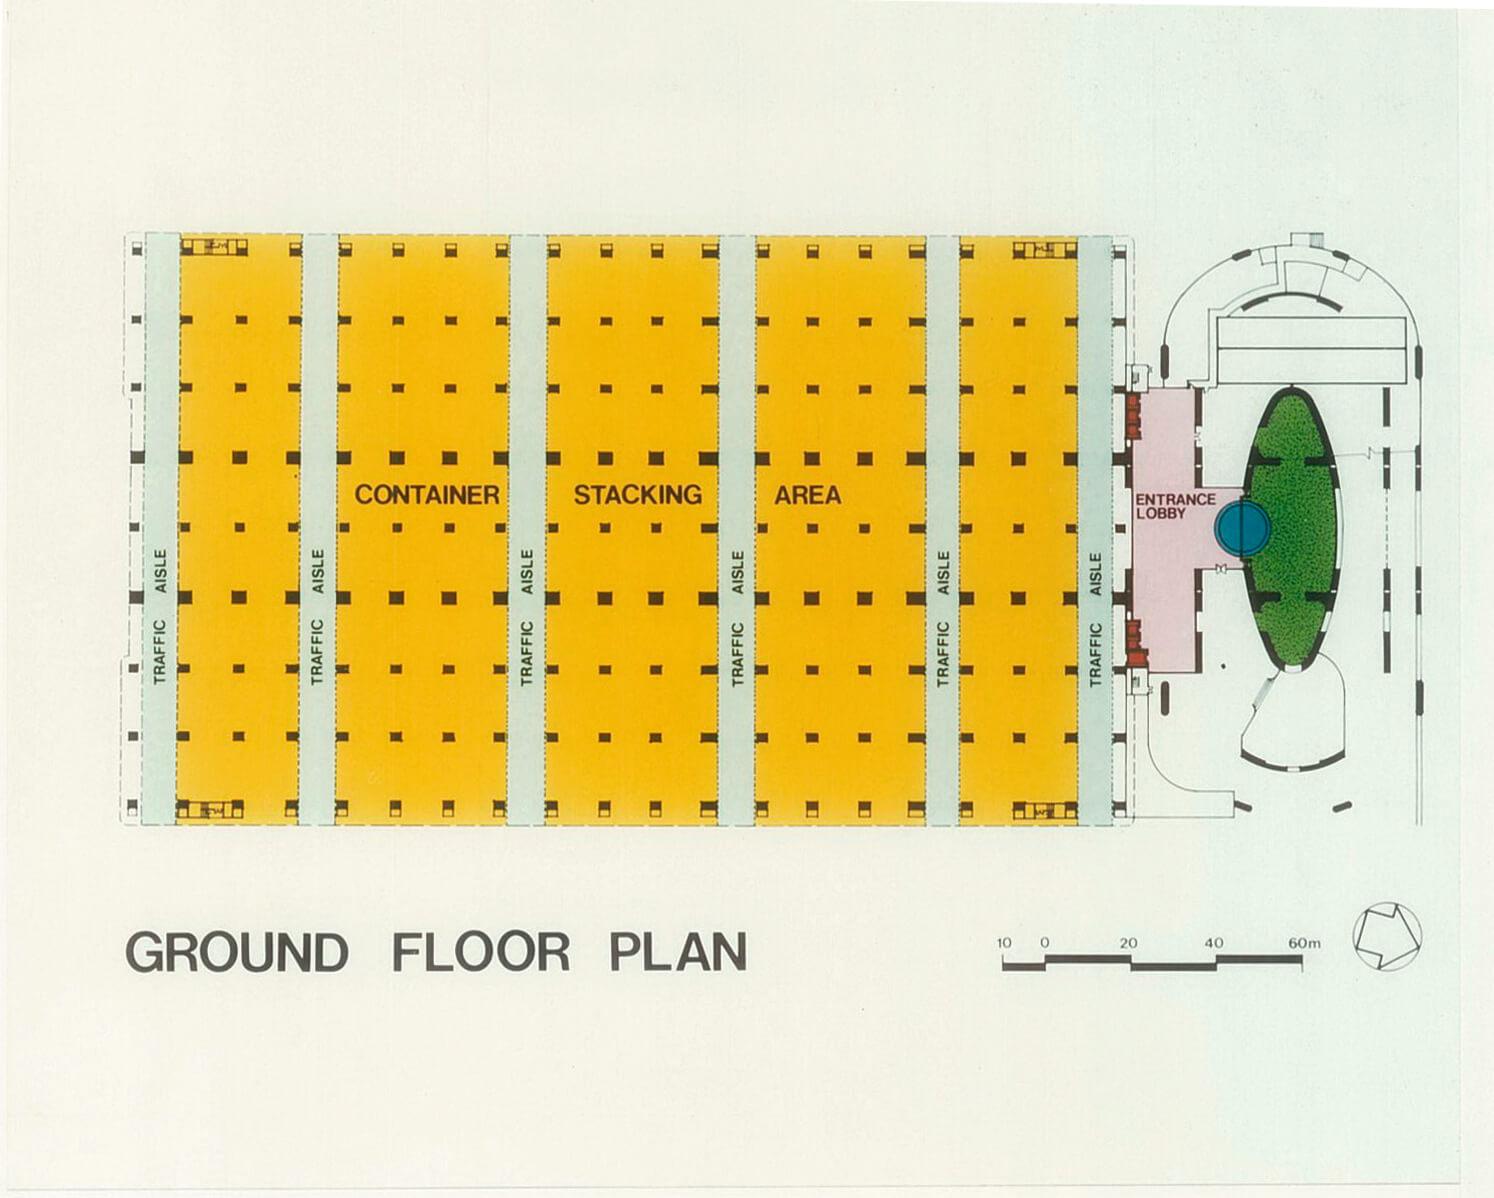 「每一層都是地面」是亞洲貨櫃物 流中心的設計重點,以旁邊的大型 微斜坡道來貫穿每樓層。(圖片由 劉榮廣伍振民建築師事務所提供)